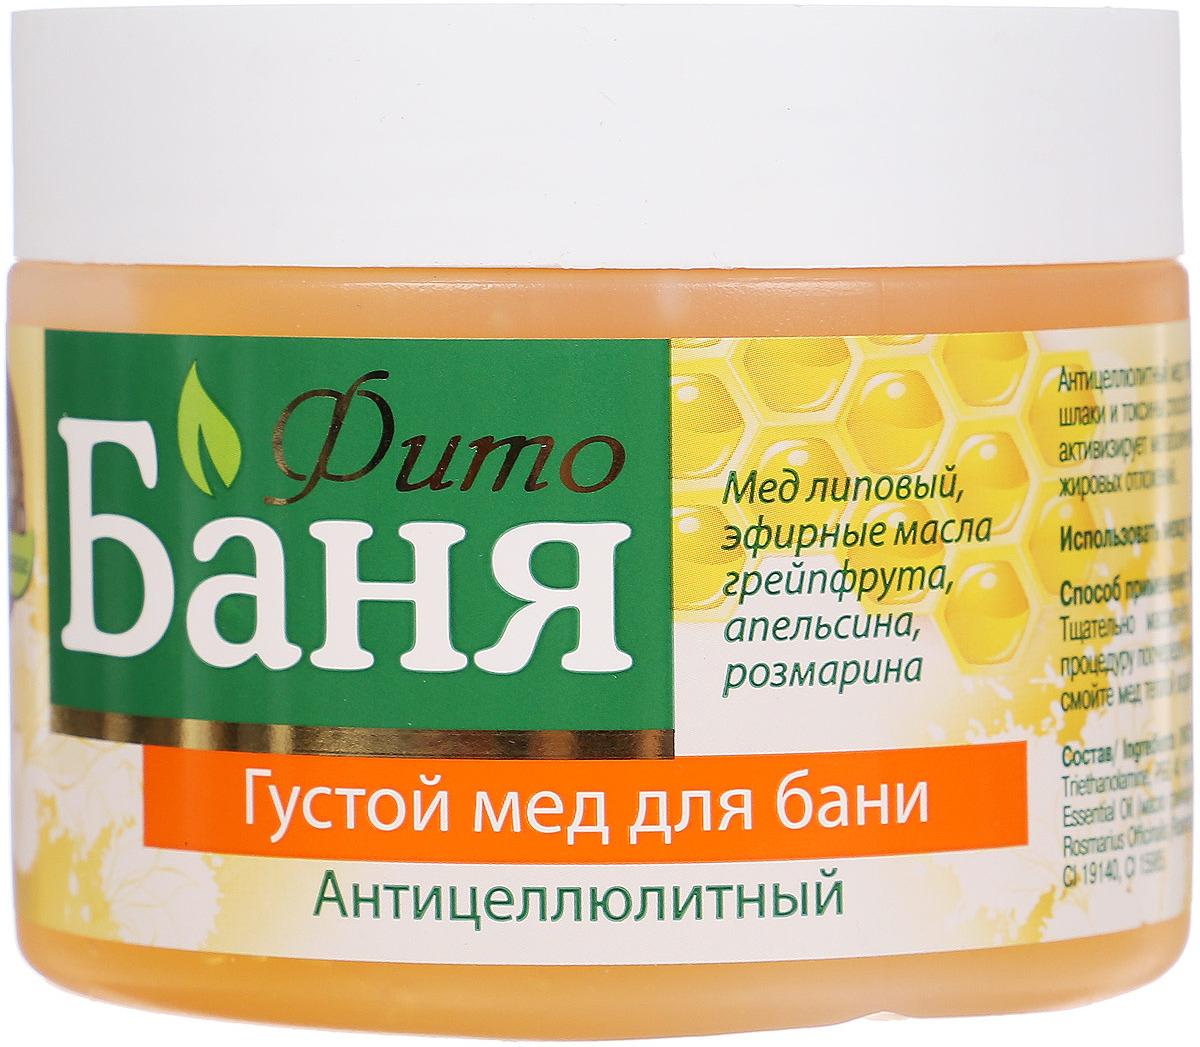 Мед для бани Русское Поле Фито-Баня, антицеллюлитный, 300 мл Русское Поле